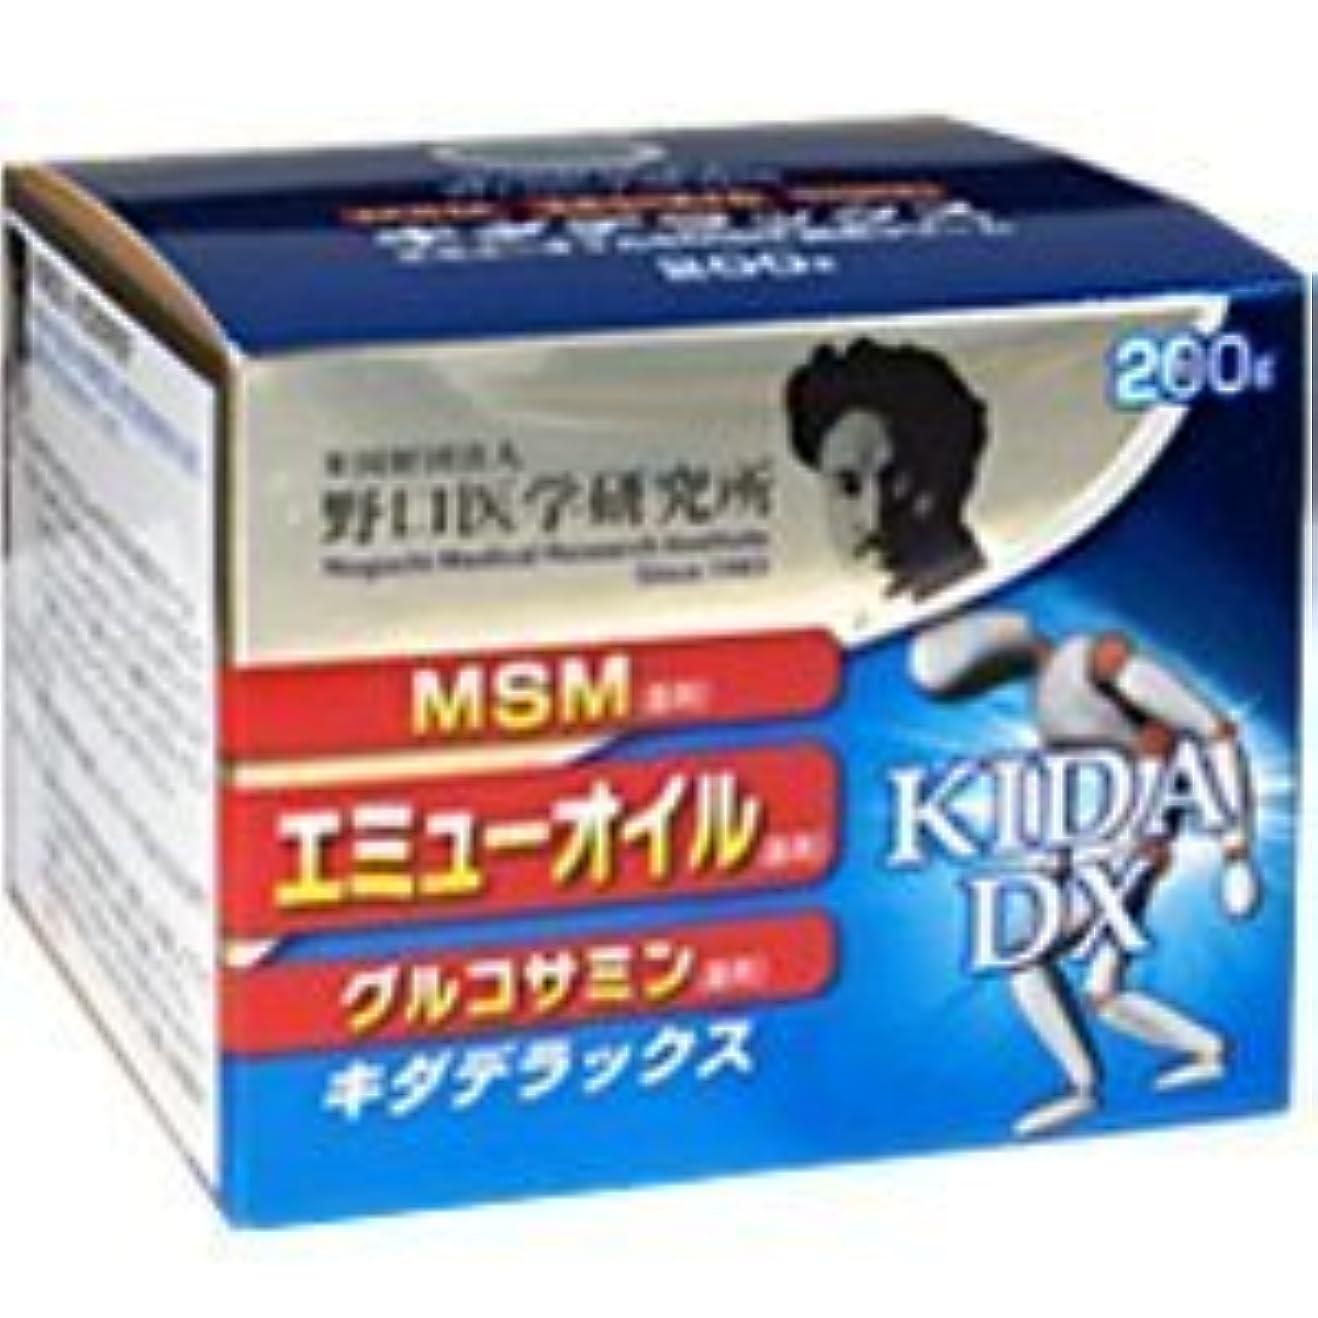 野口医学研究所 キダデラックス 200g×1個